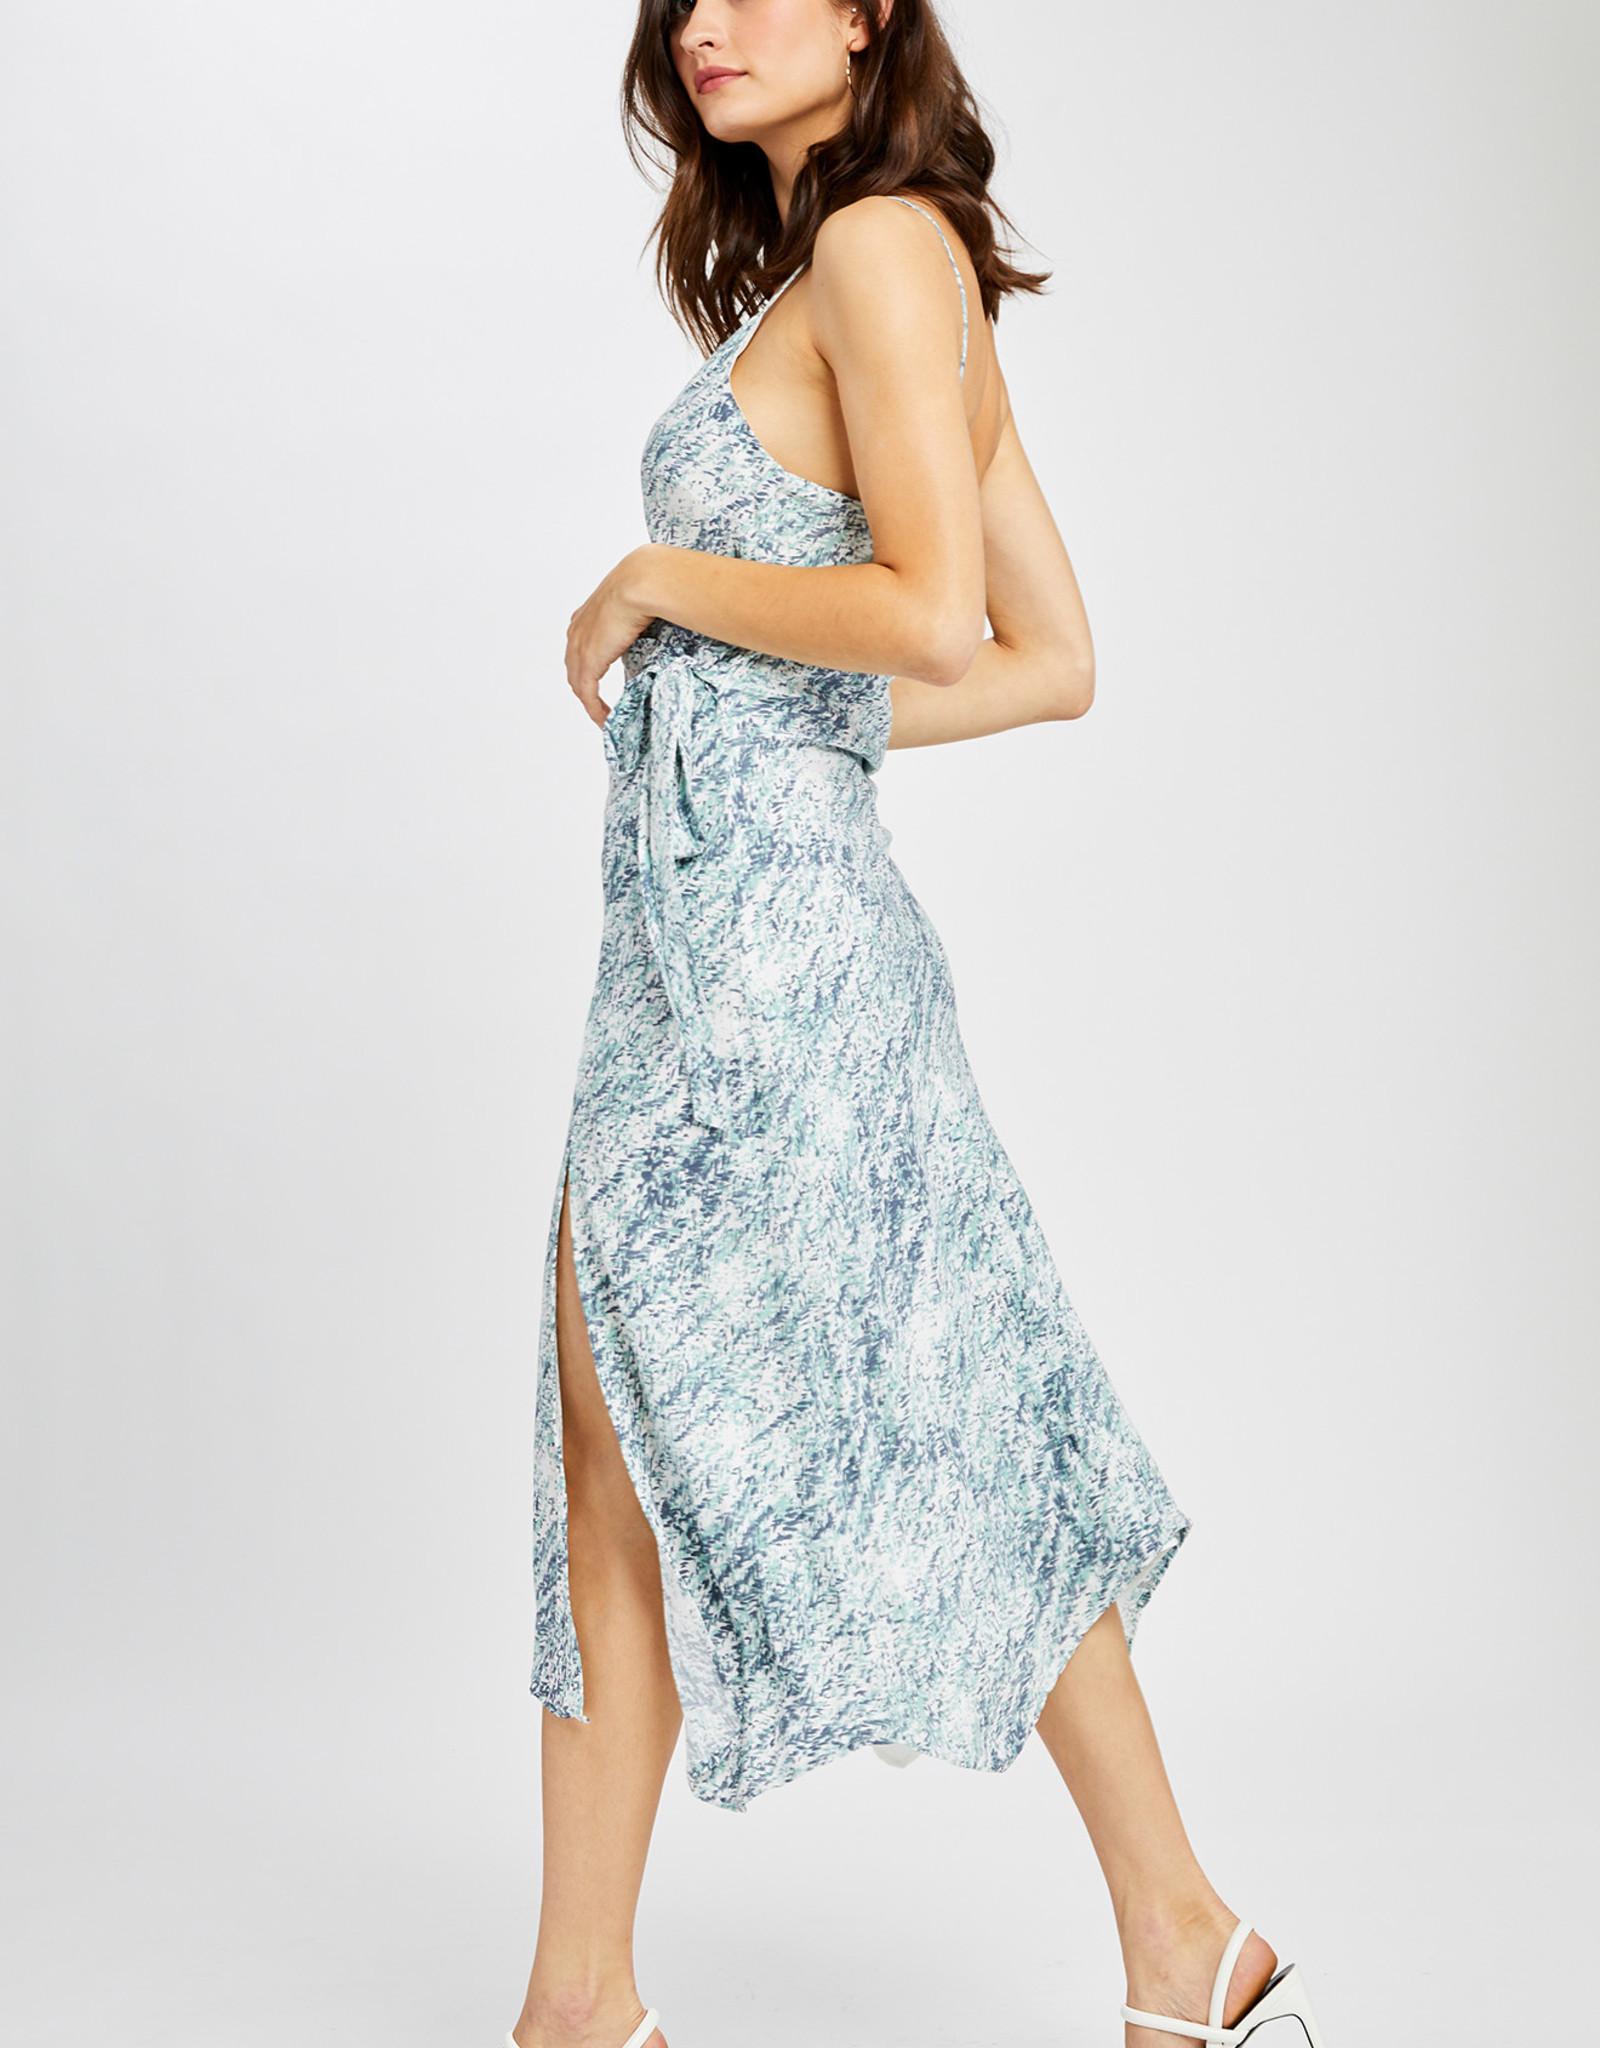 Gentle Fawn Cancun Navy Texture Dress